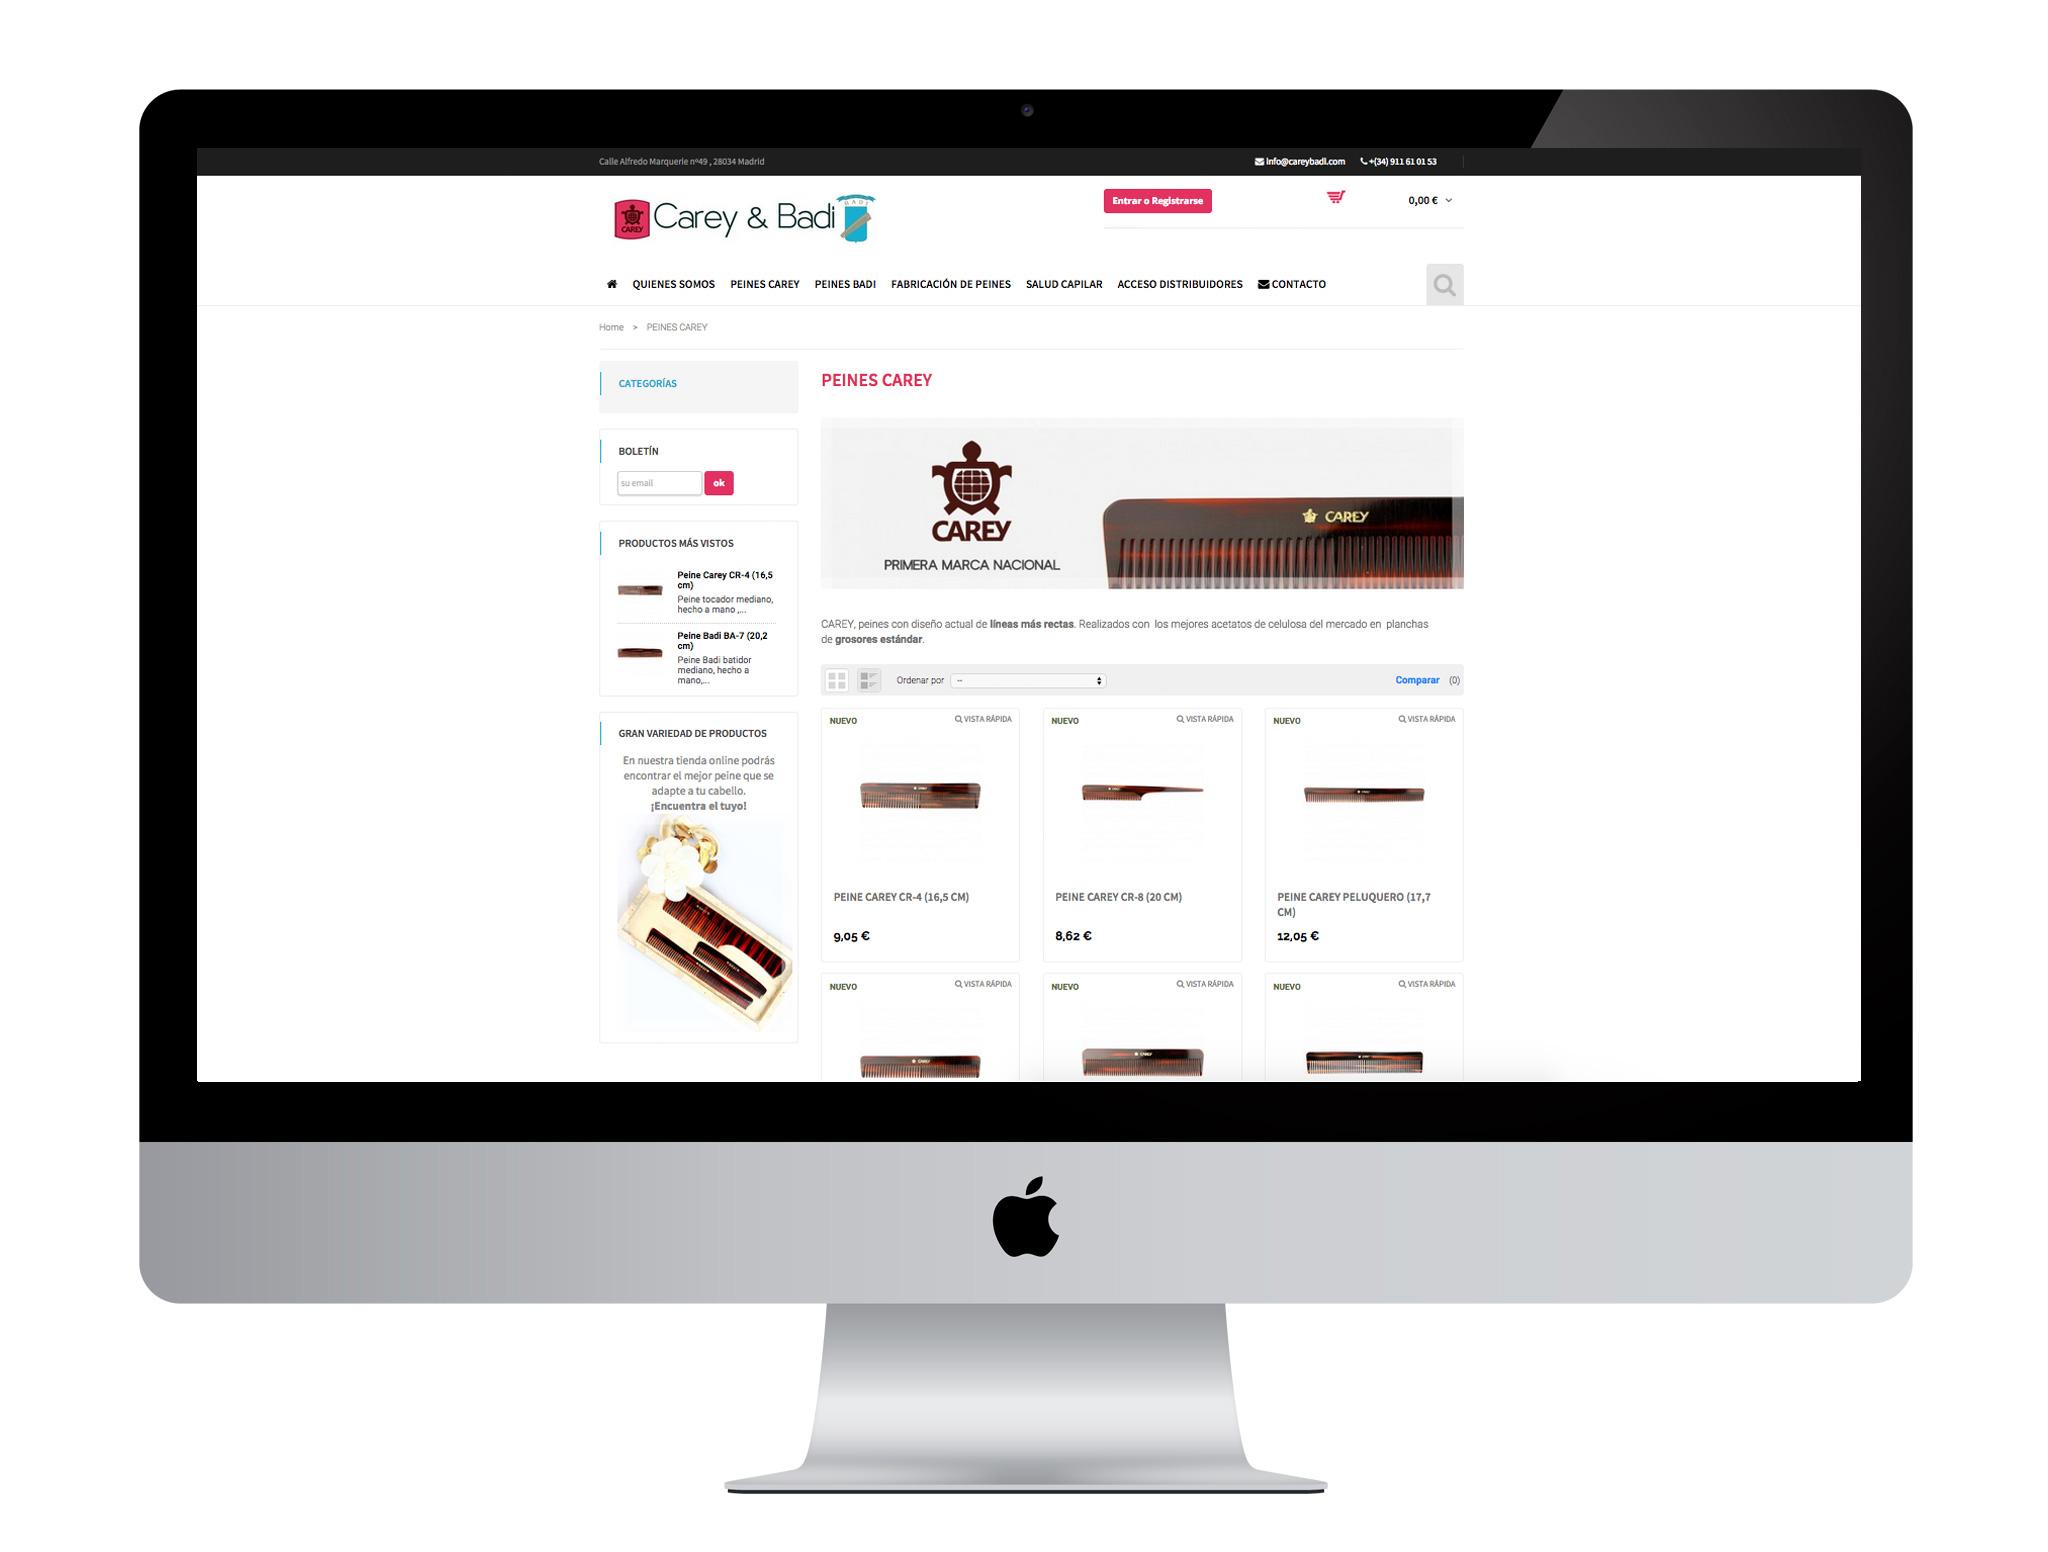 Realización de diseño web de tienda online de peines CareyBadi.es. SoftDream, especialistas en diseño web, diseño gráfico, tiendas online, community manager, posicionamiento seo y sem en Alcorcón y Madrid.